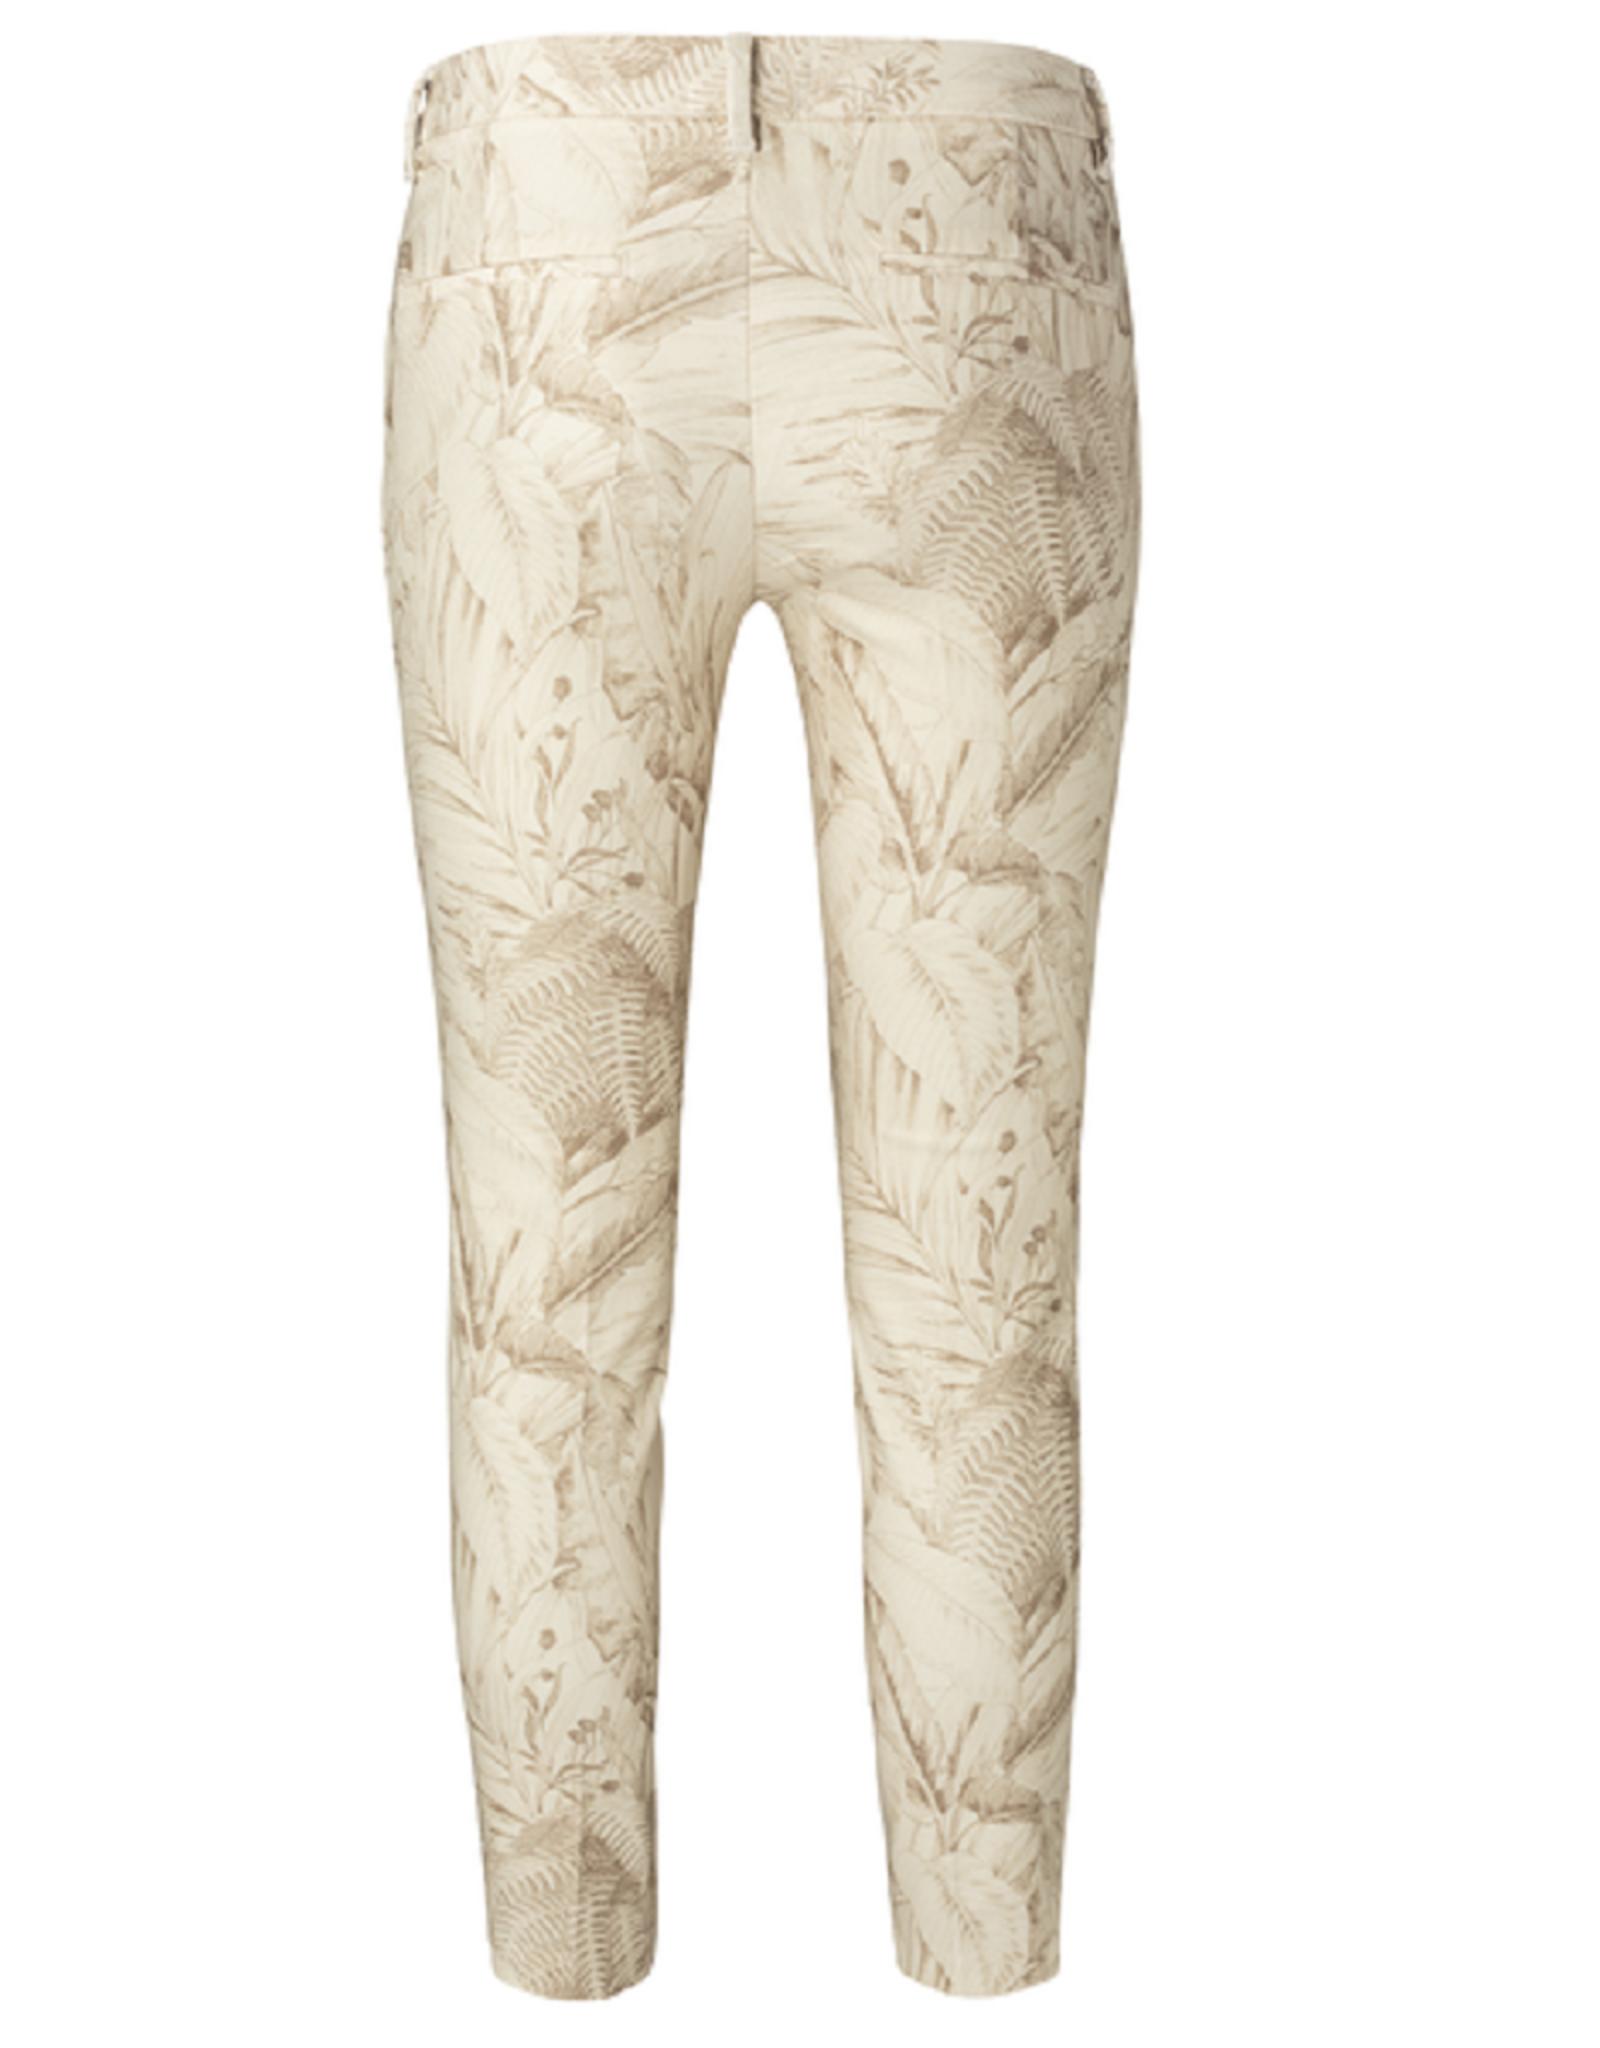 YAYA YAYA stretch printed trousers Oat dessin